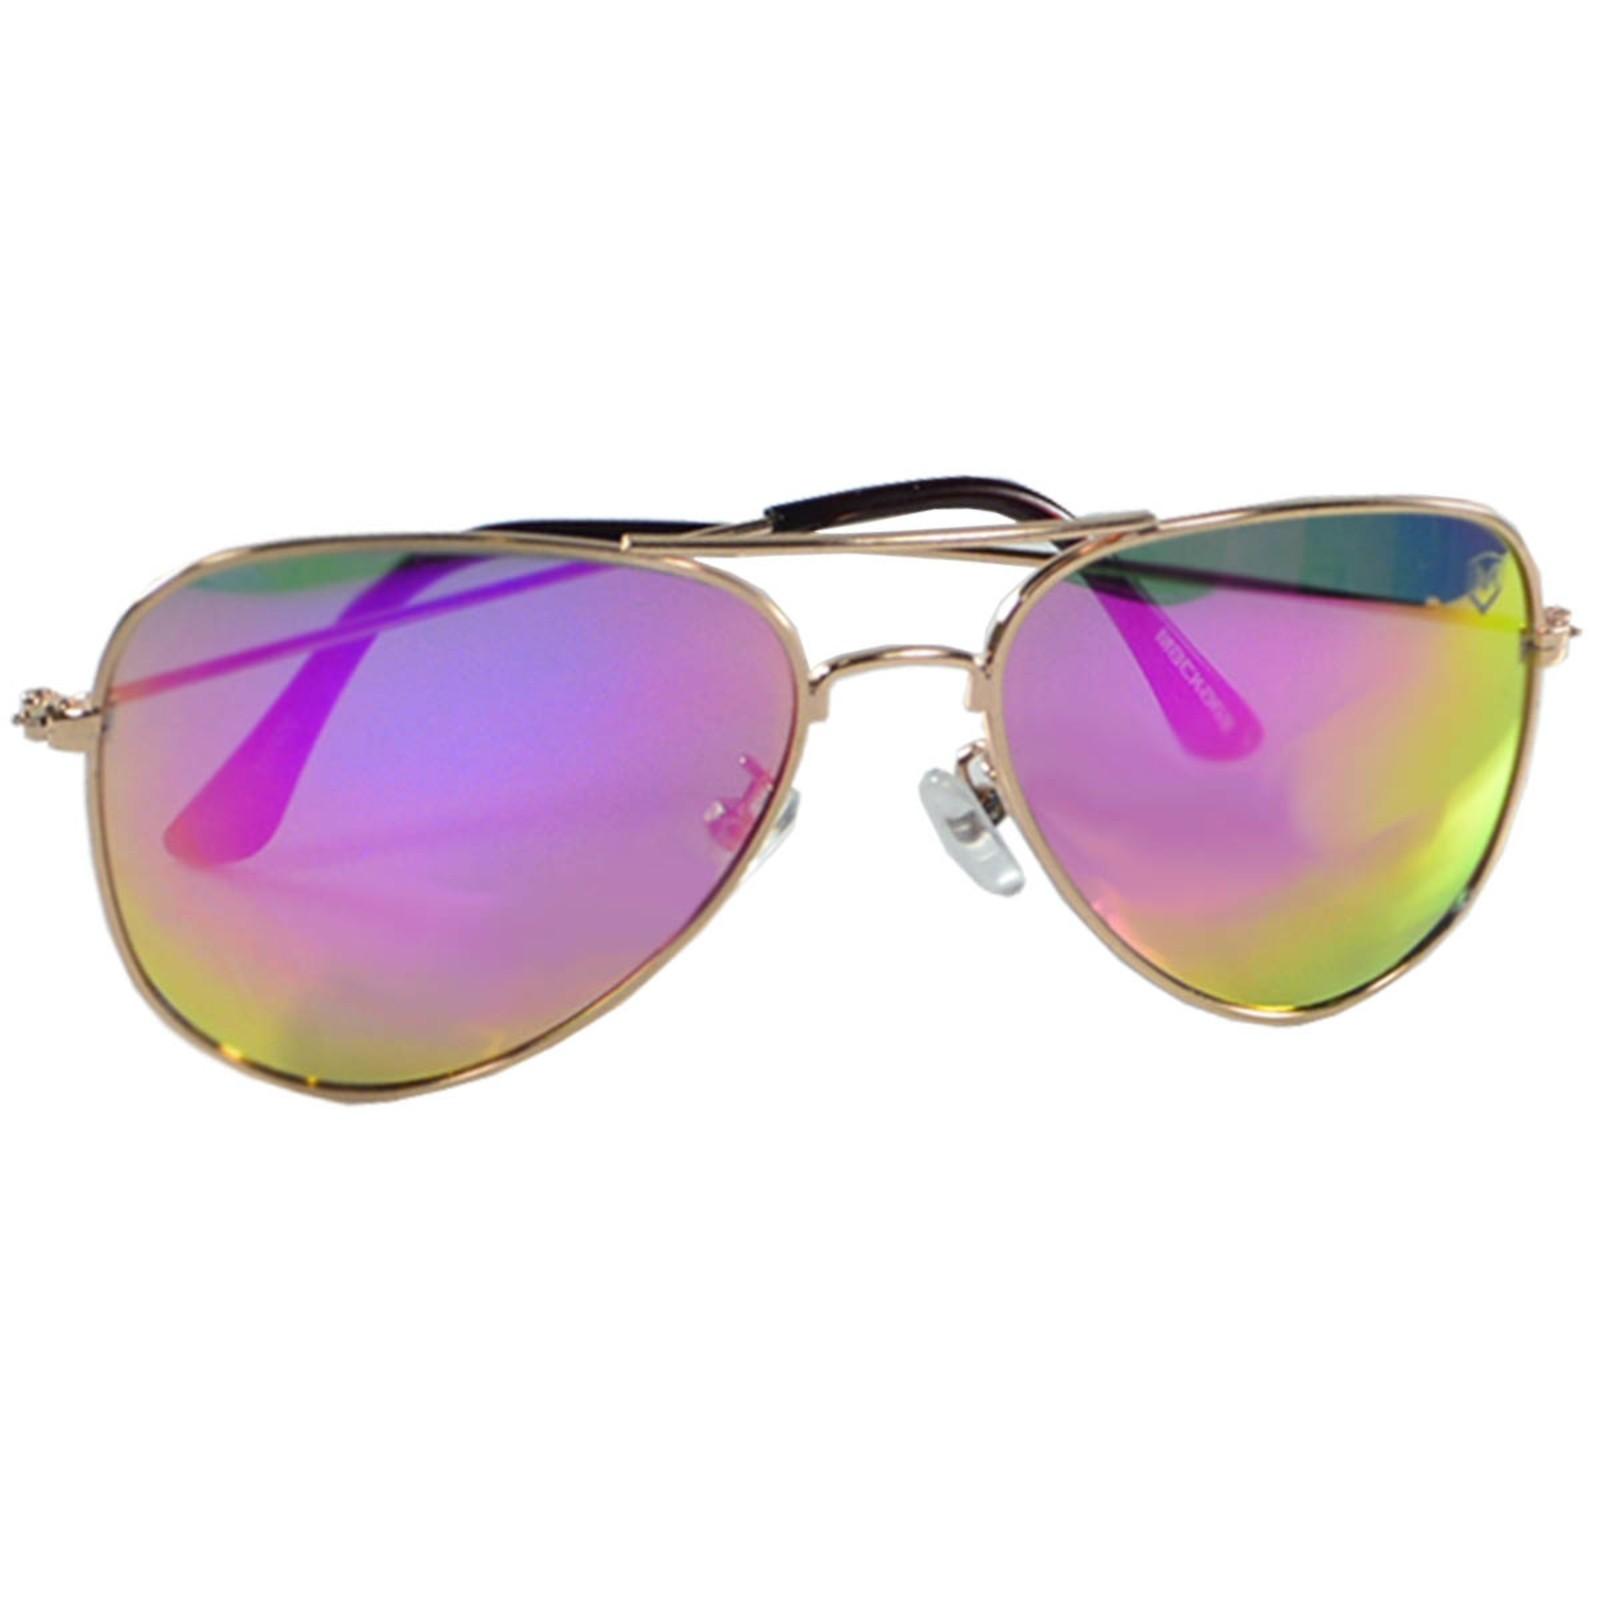 Óculos de Sol Mackage Feminino Metal Aviador Classic - Dourado/Rosa